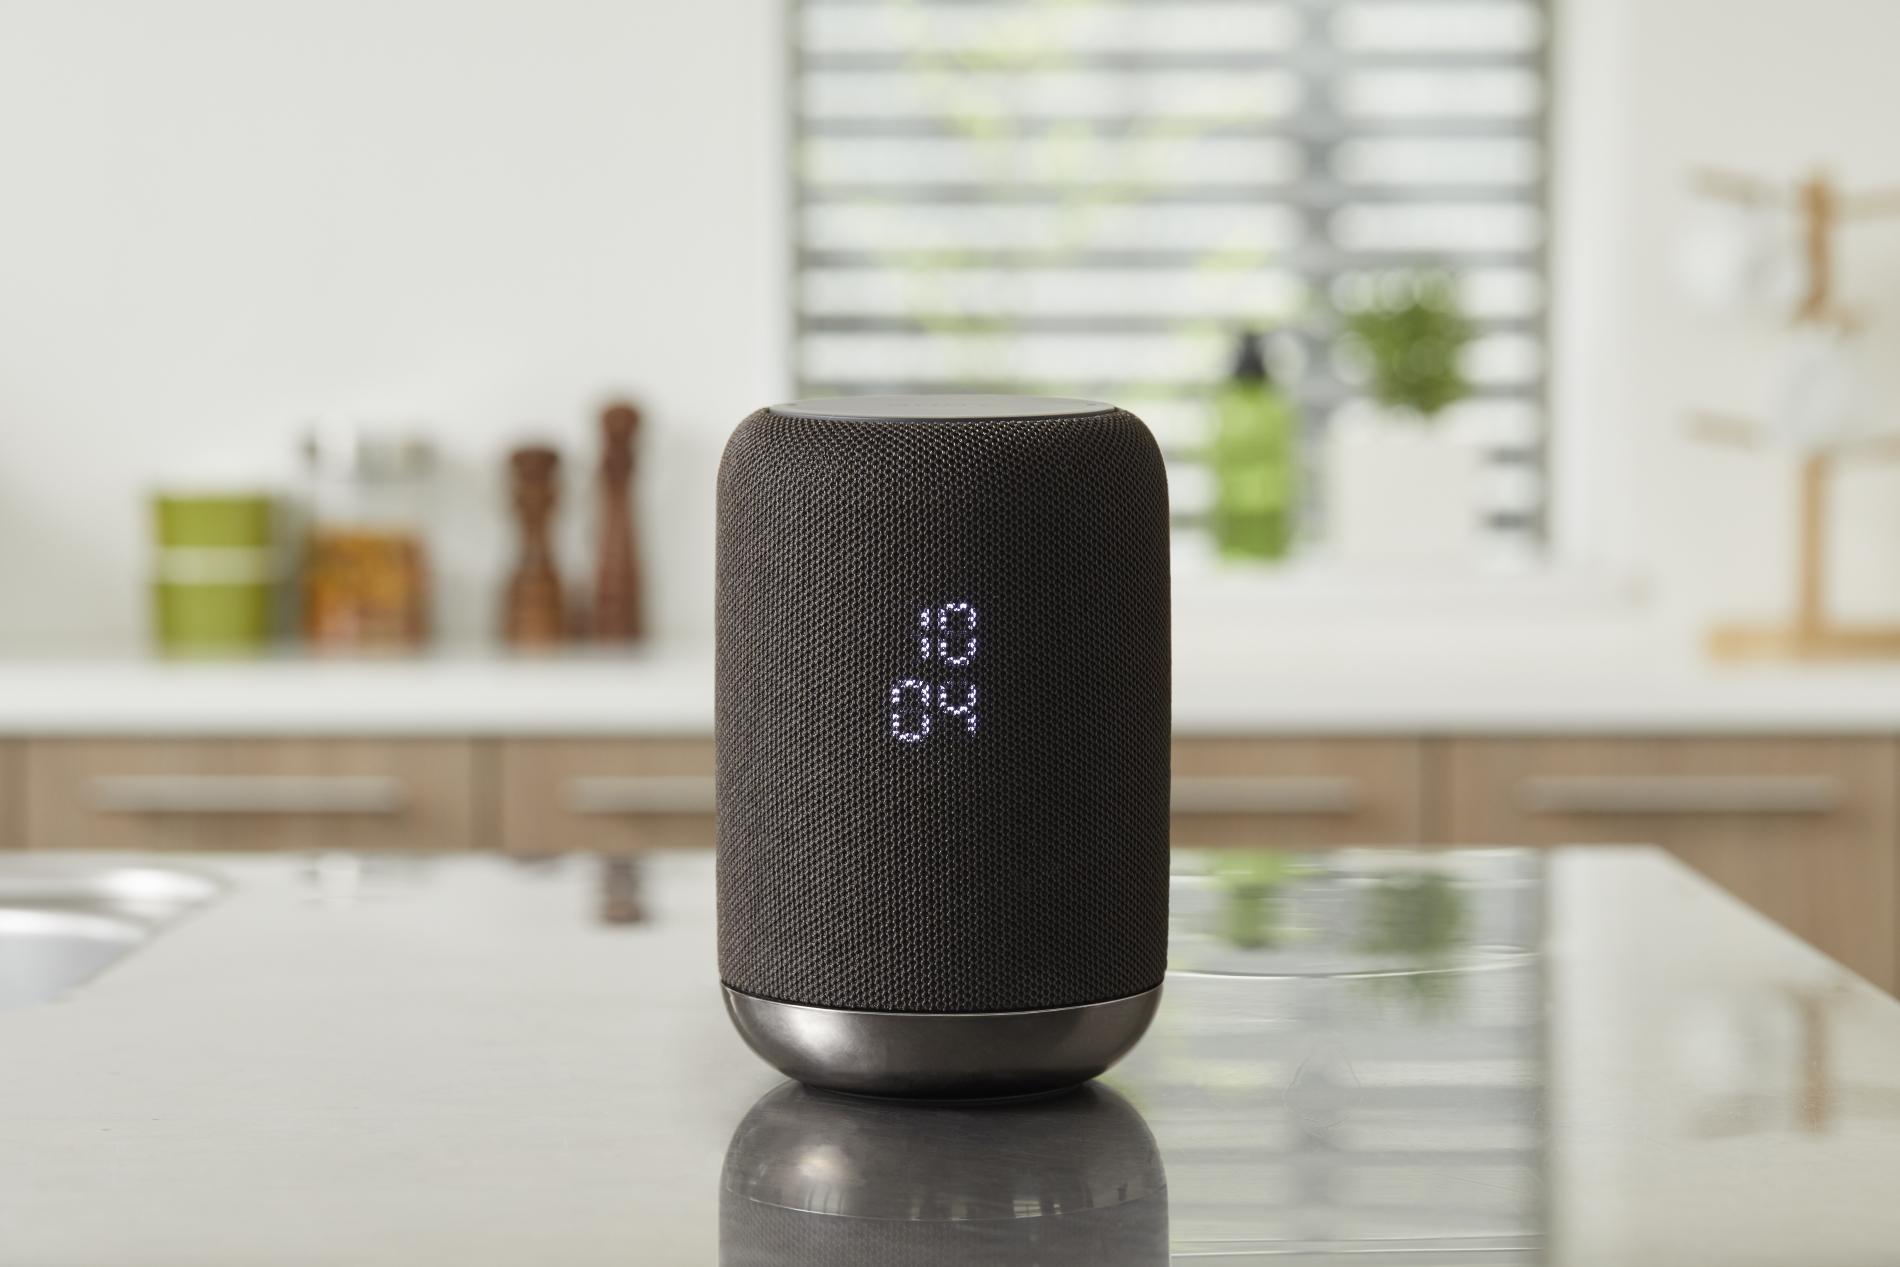 sony enceinte sans fil avec assistant google int gr un. Black Bedroom Furniture Sets. Home Design Ideas